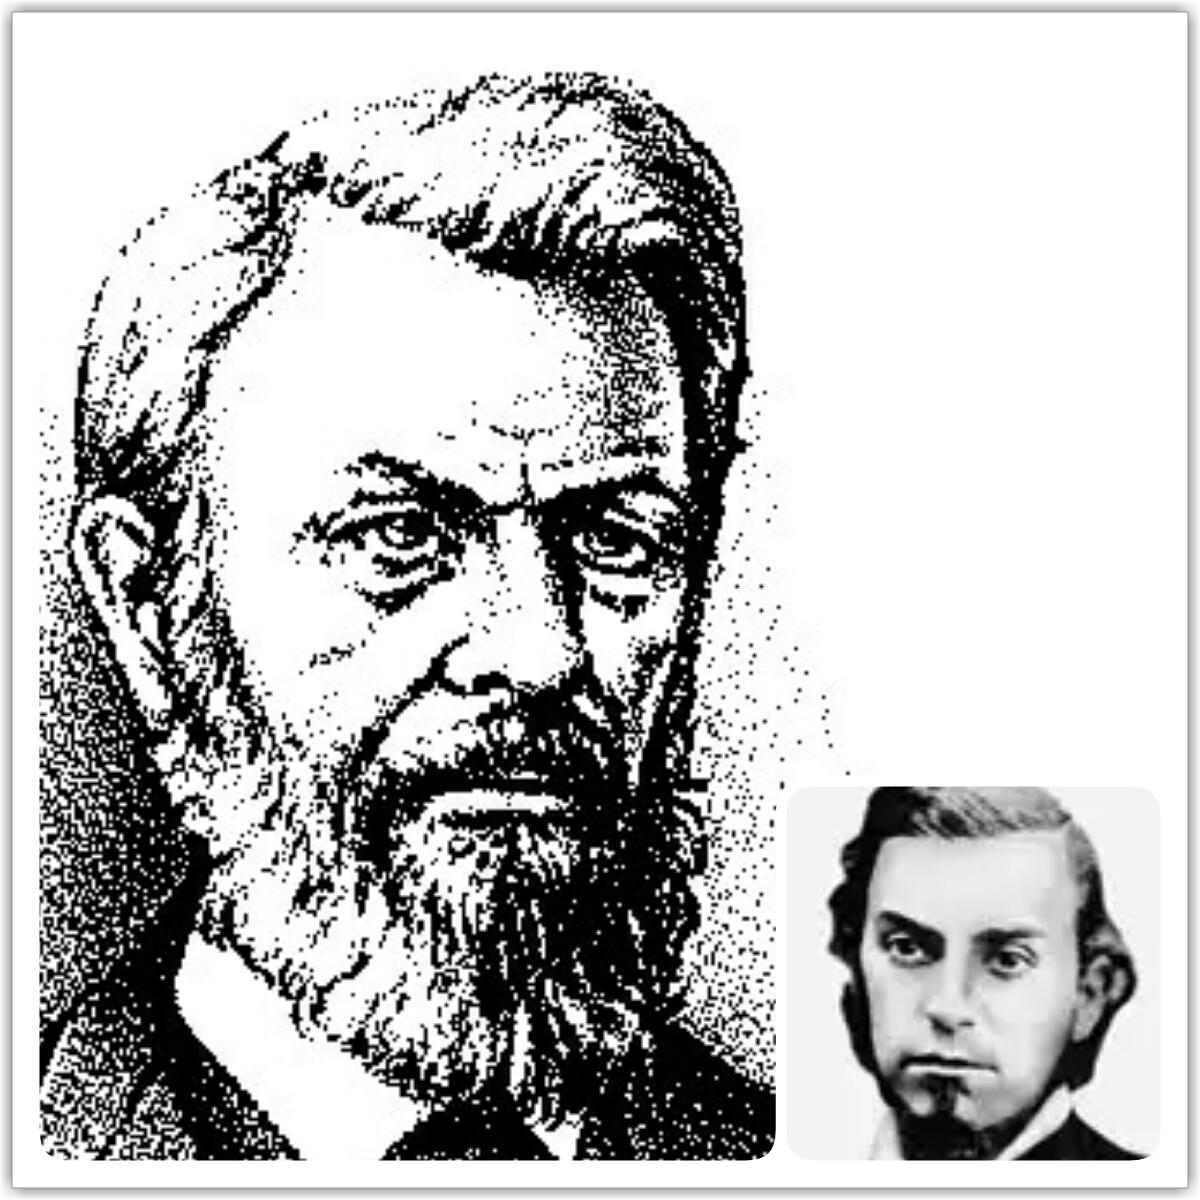 Нельсон Барборр и Чарлз Рассел